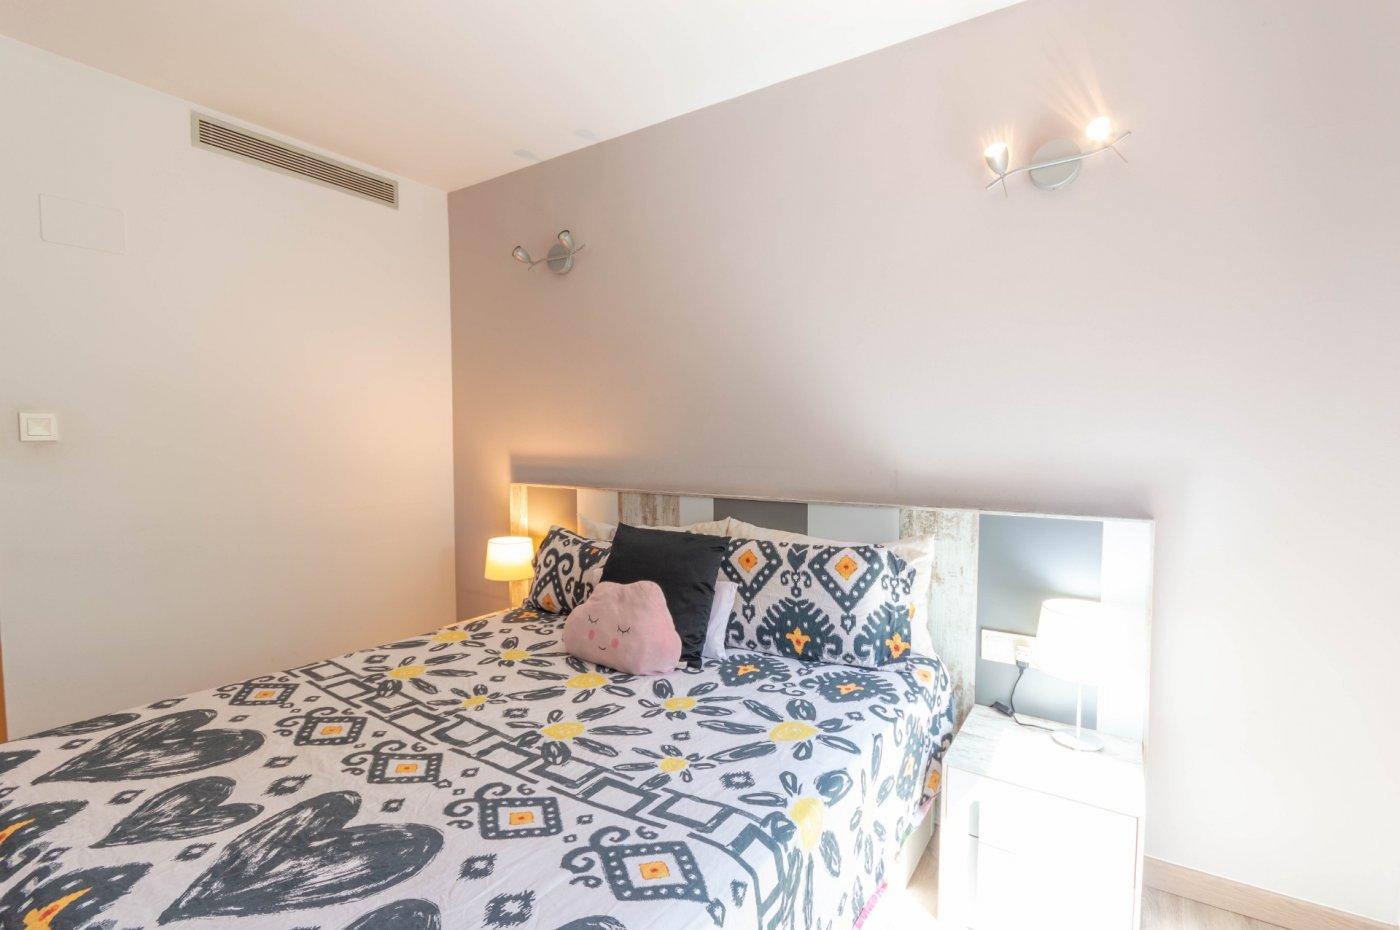 Piso de 50 m² en st. andreu de la b. zona raval de corbera. 2 hab., 1 baño, parking y tras - imagenInmueble10